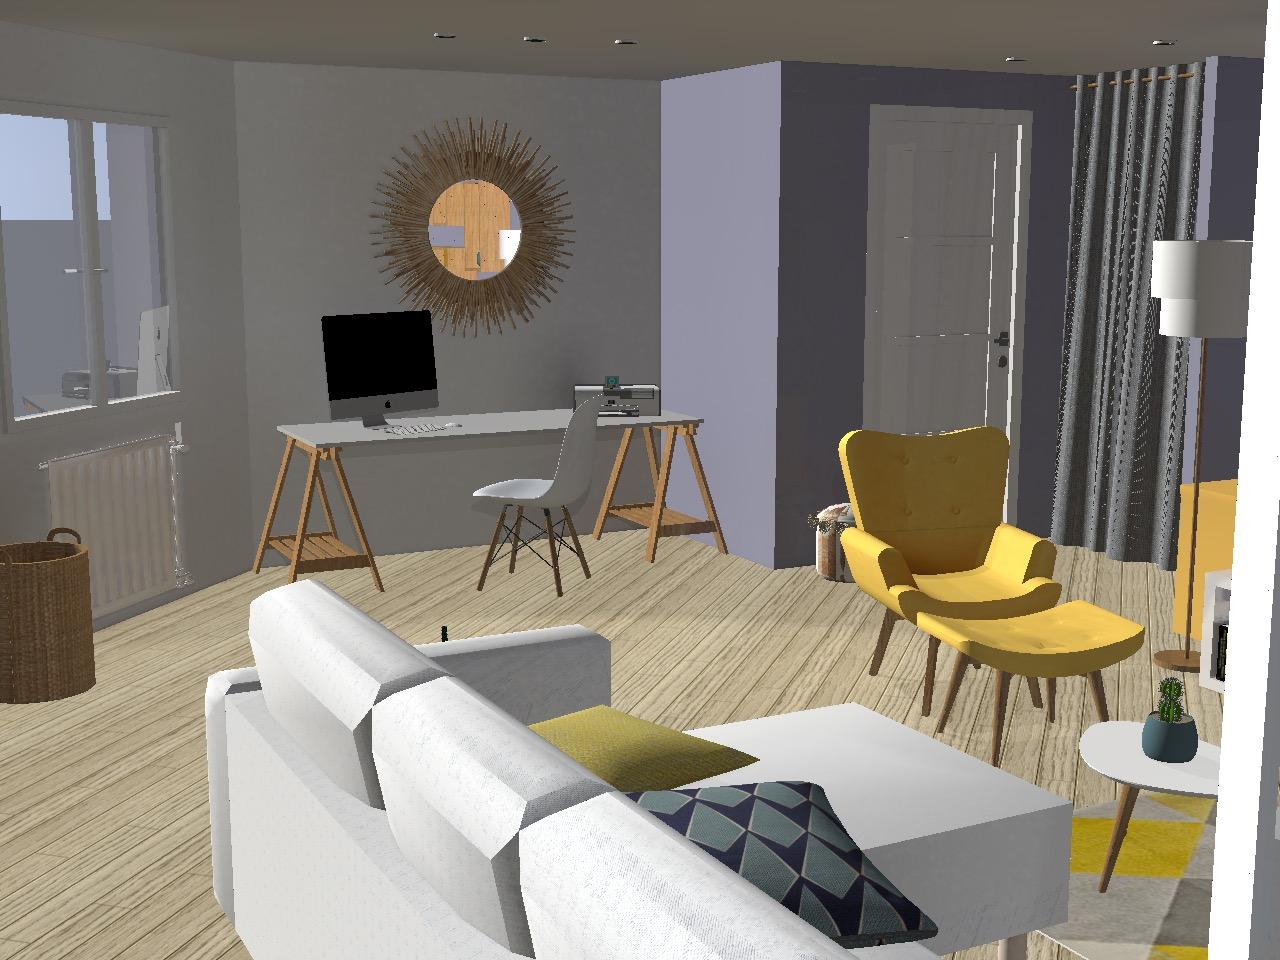 sejour-6-villa-vailhauques-renovation-latelierdelisa